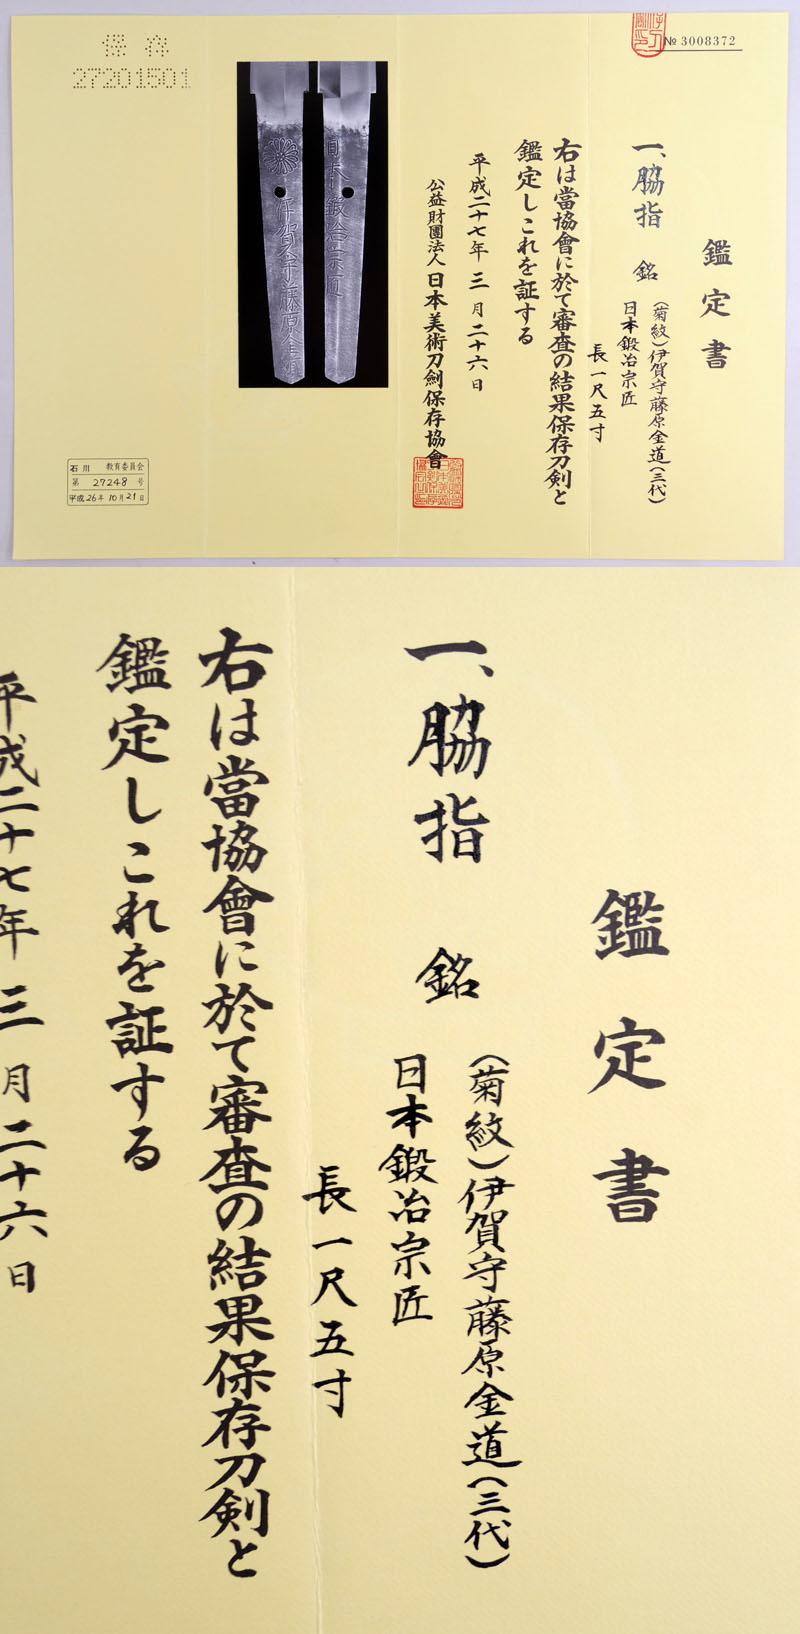 伊賀守藤原金道(3代) Picture of Certificate